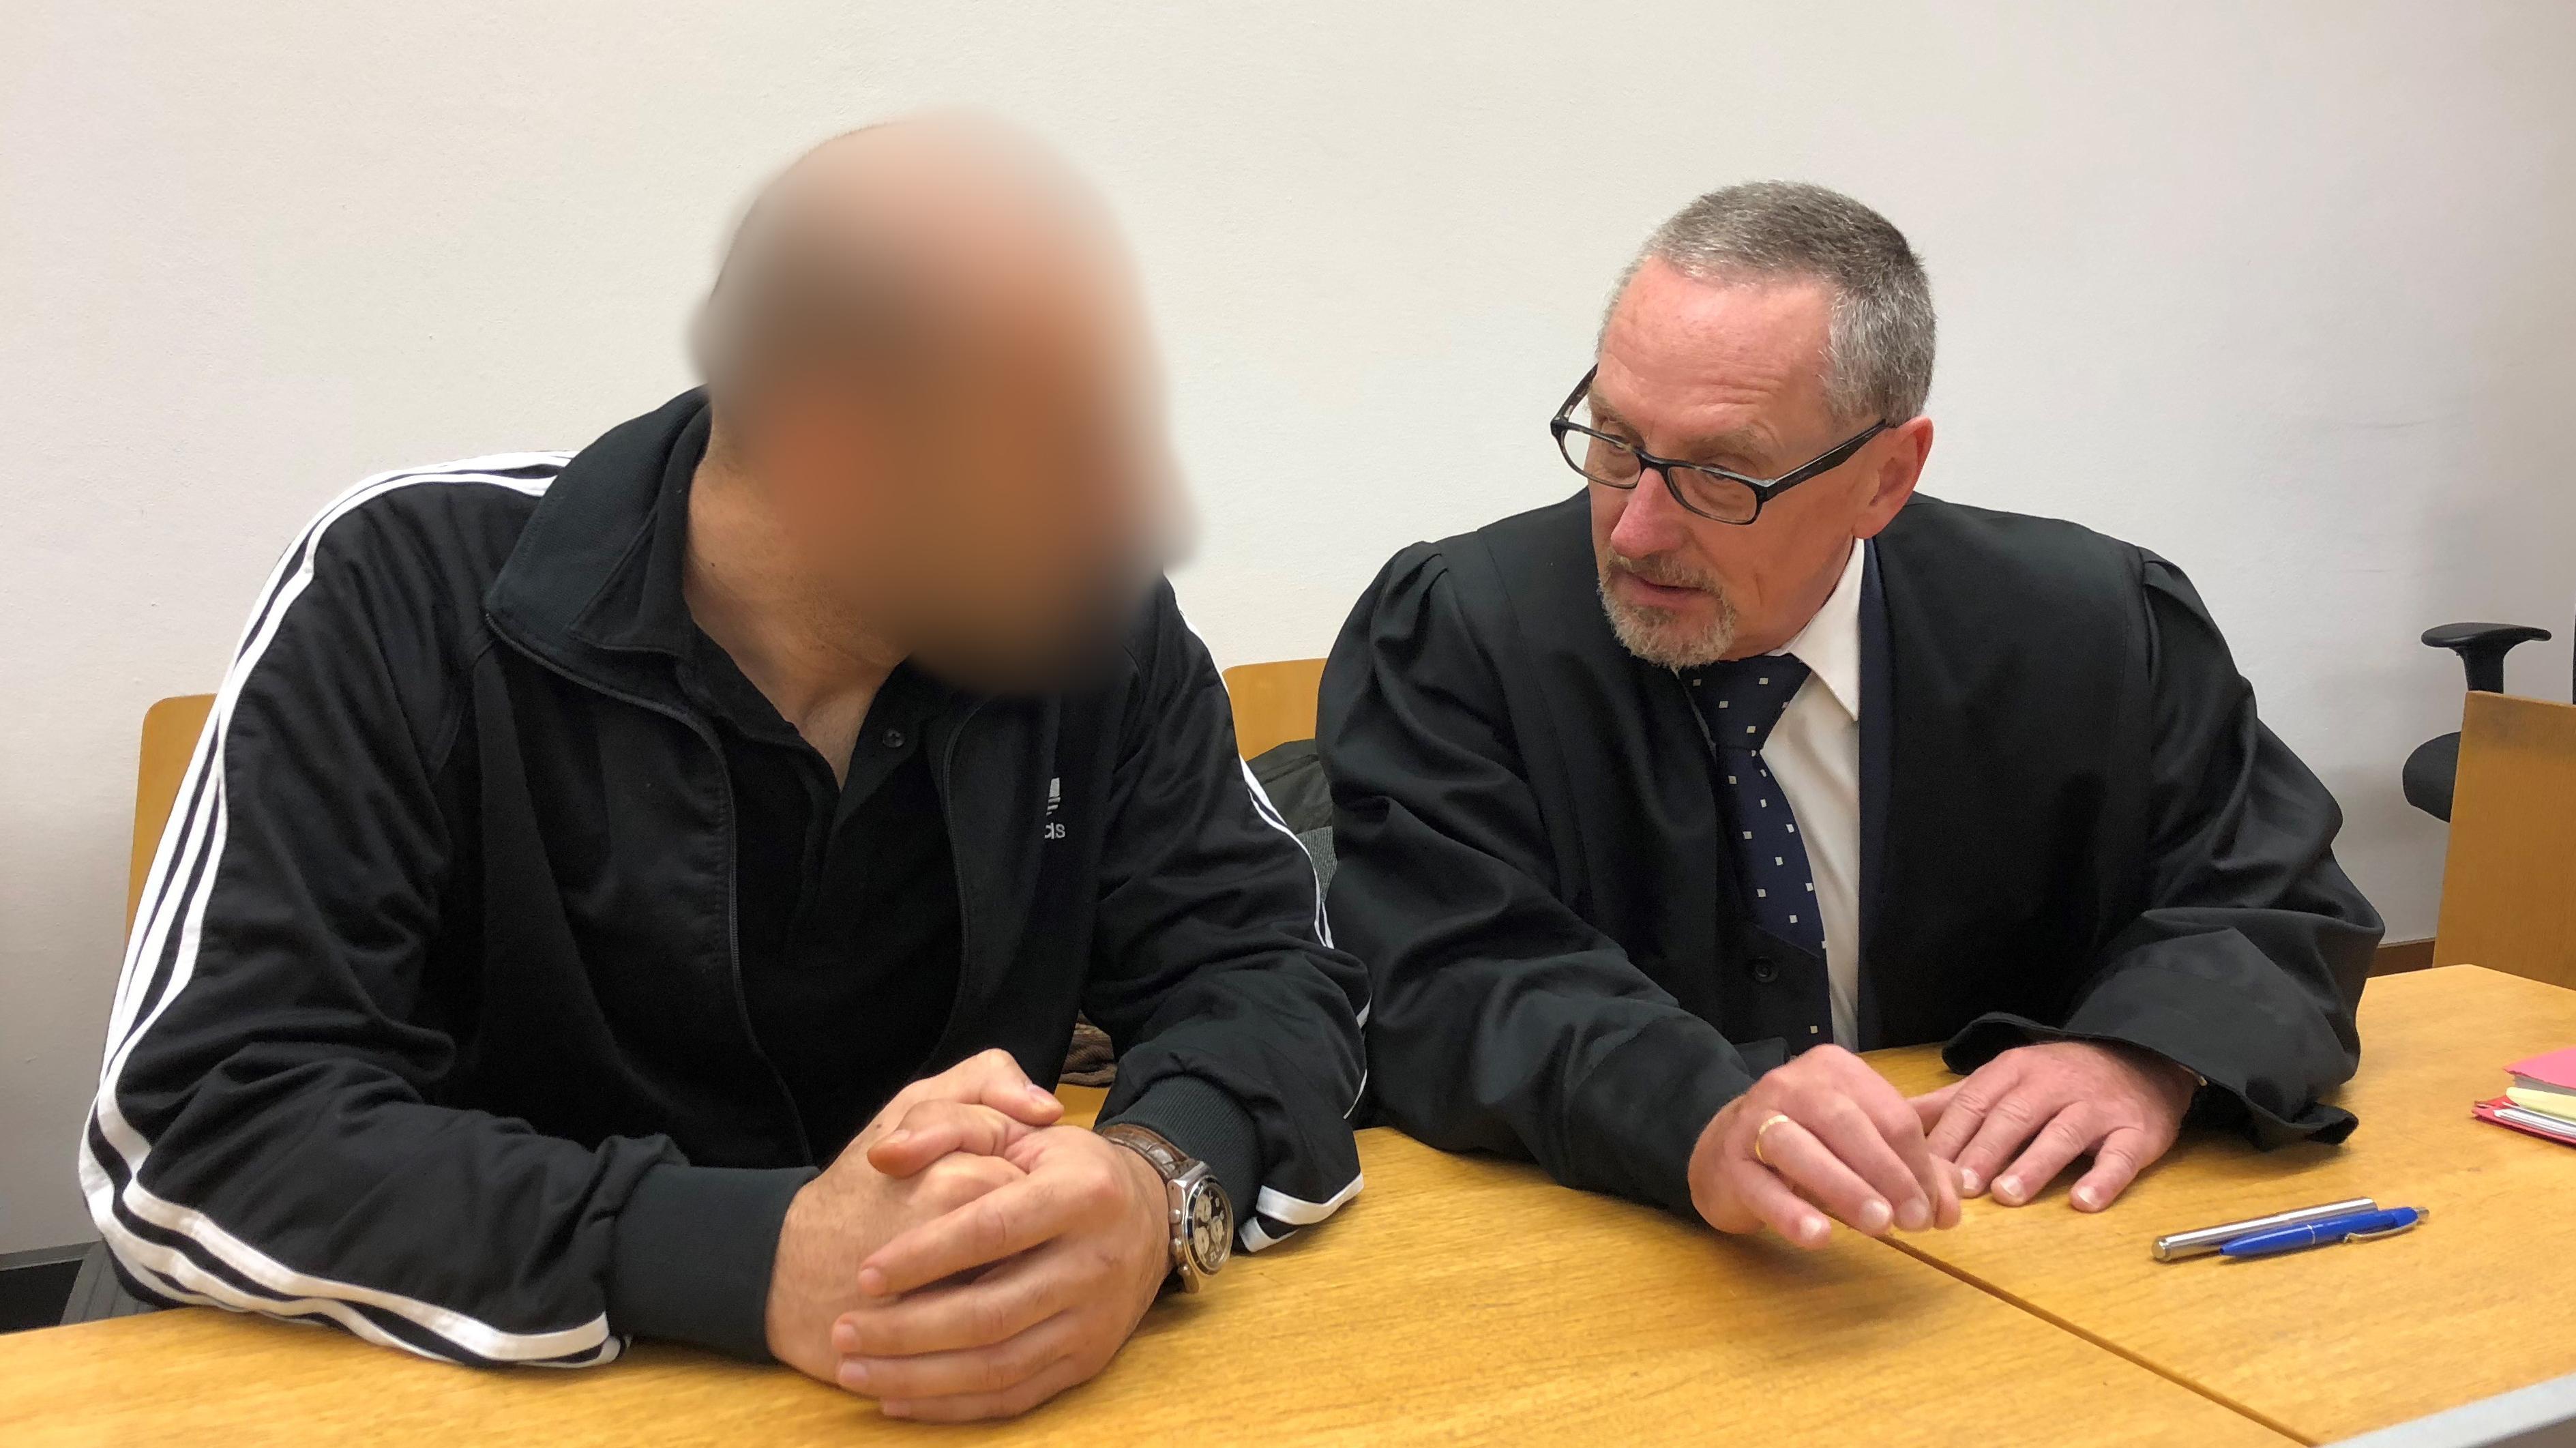 Der Angeklagte mit seinem Anwalt bei Gericht in Landshut.